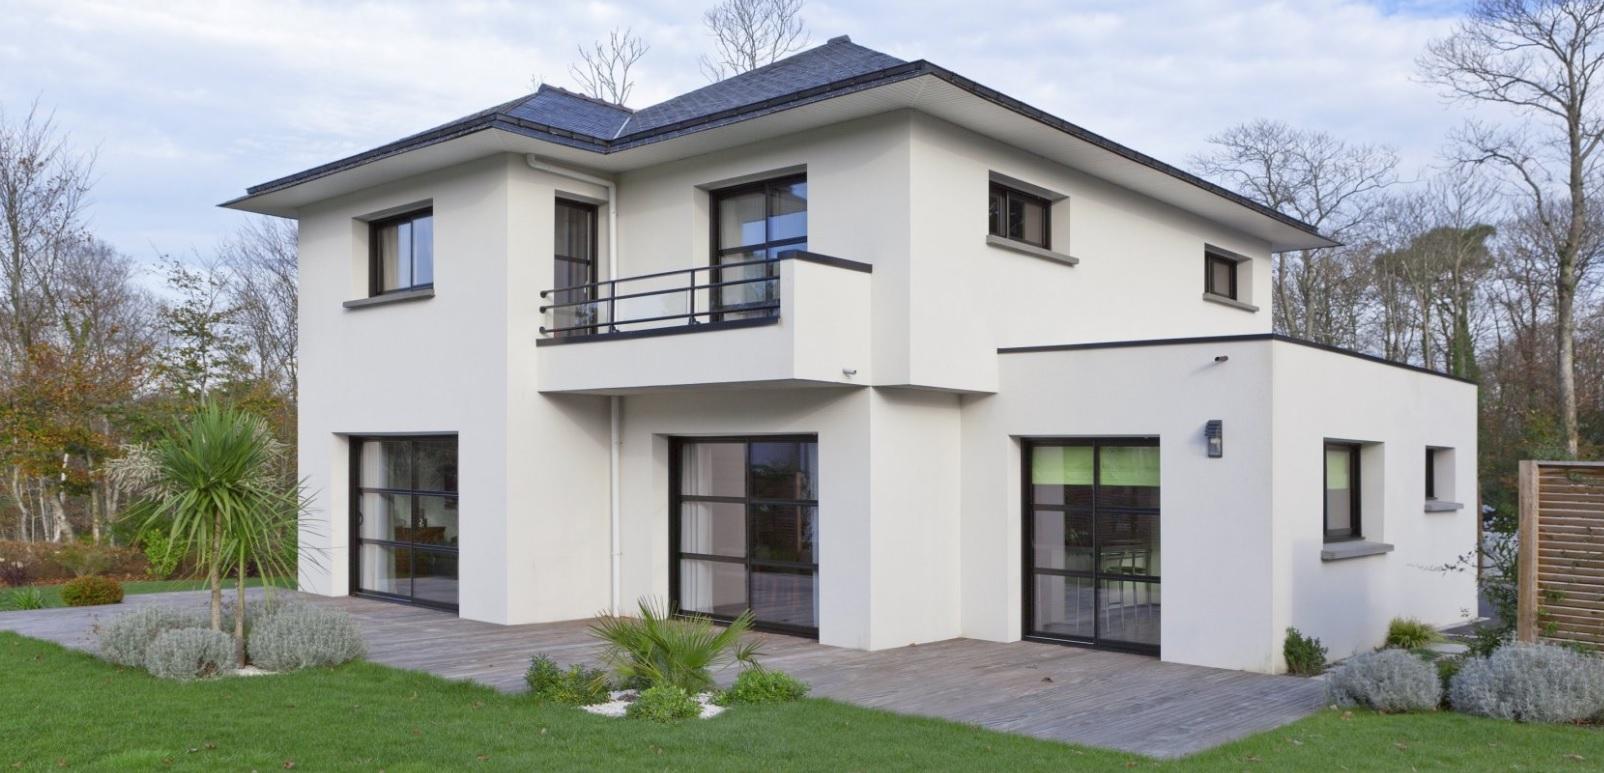 Maison Architecte proche de Nantes